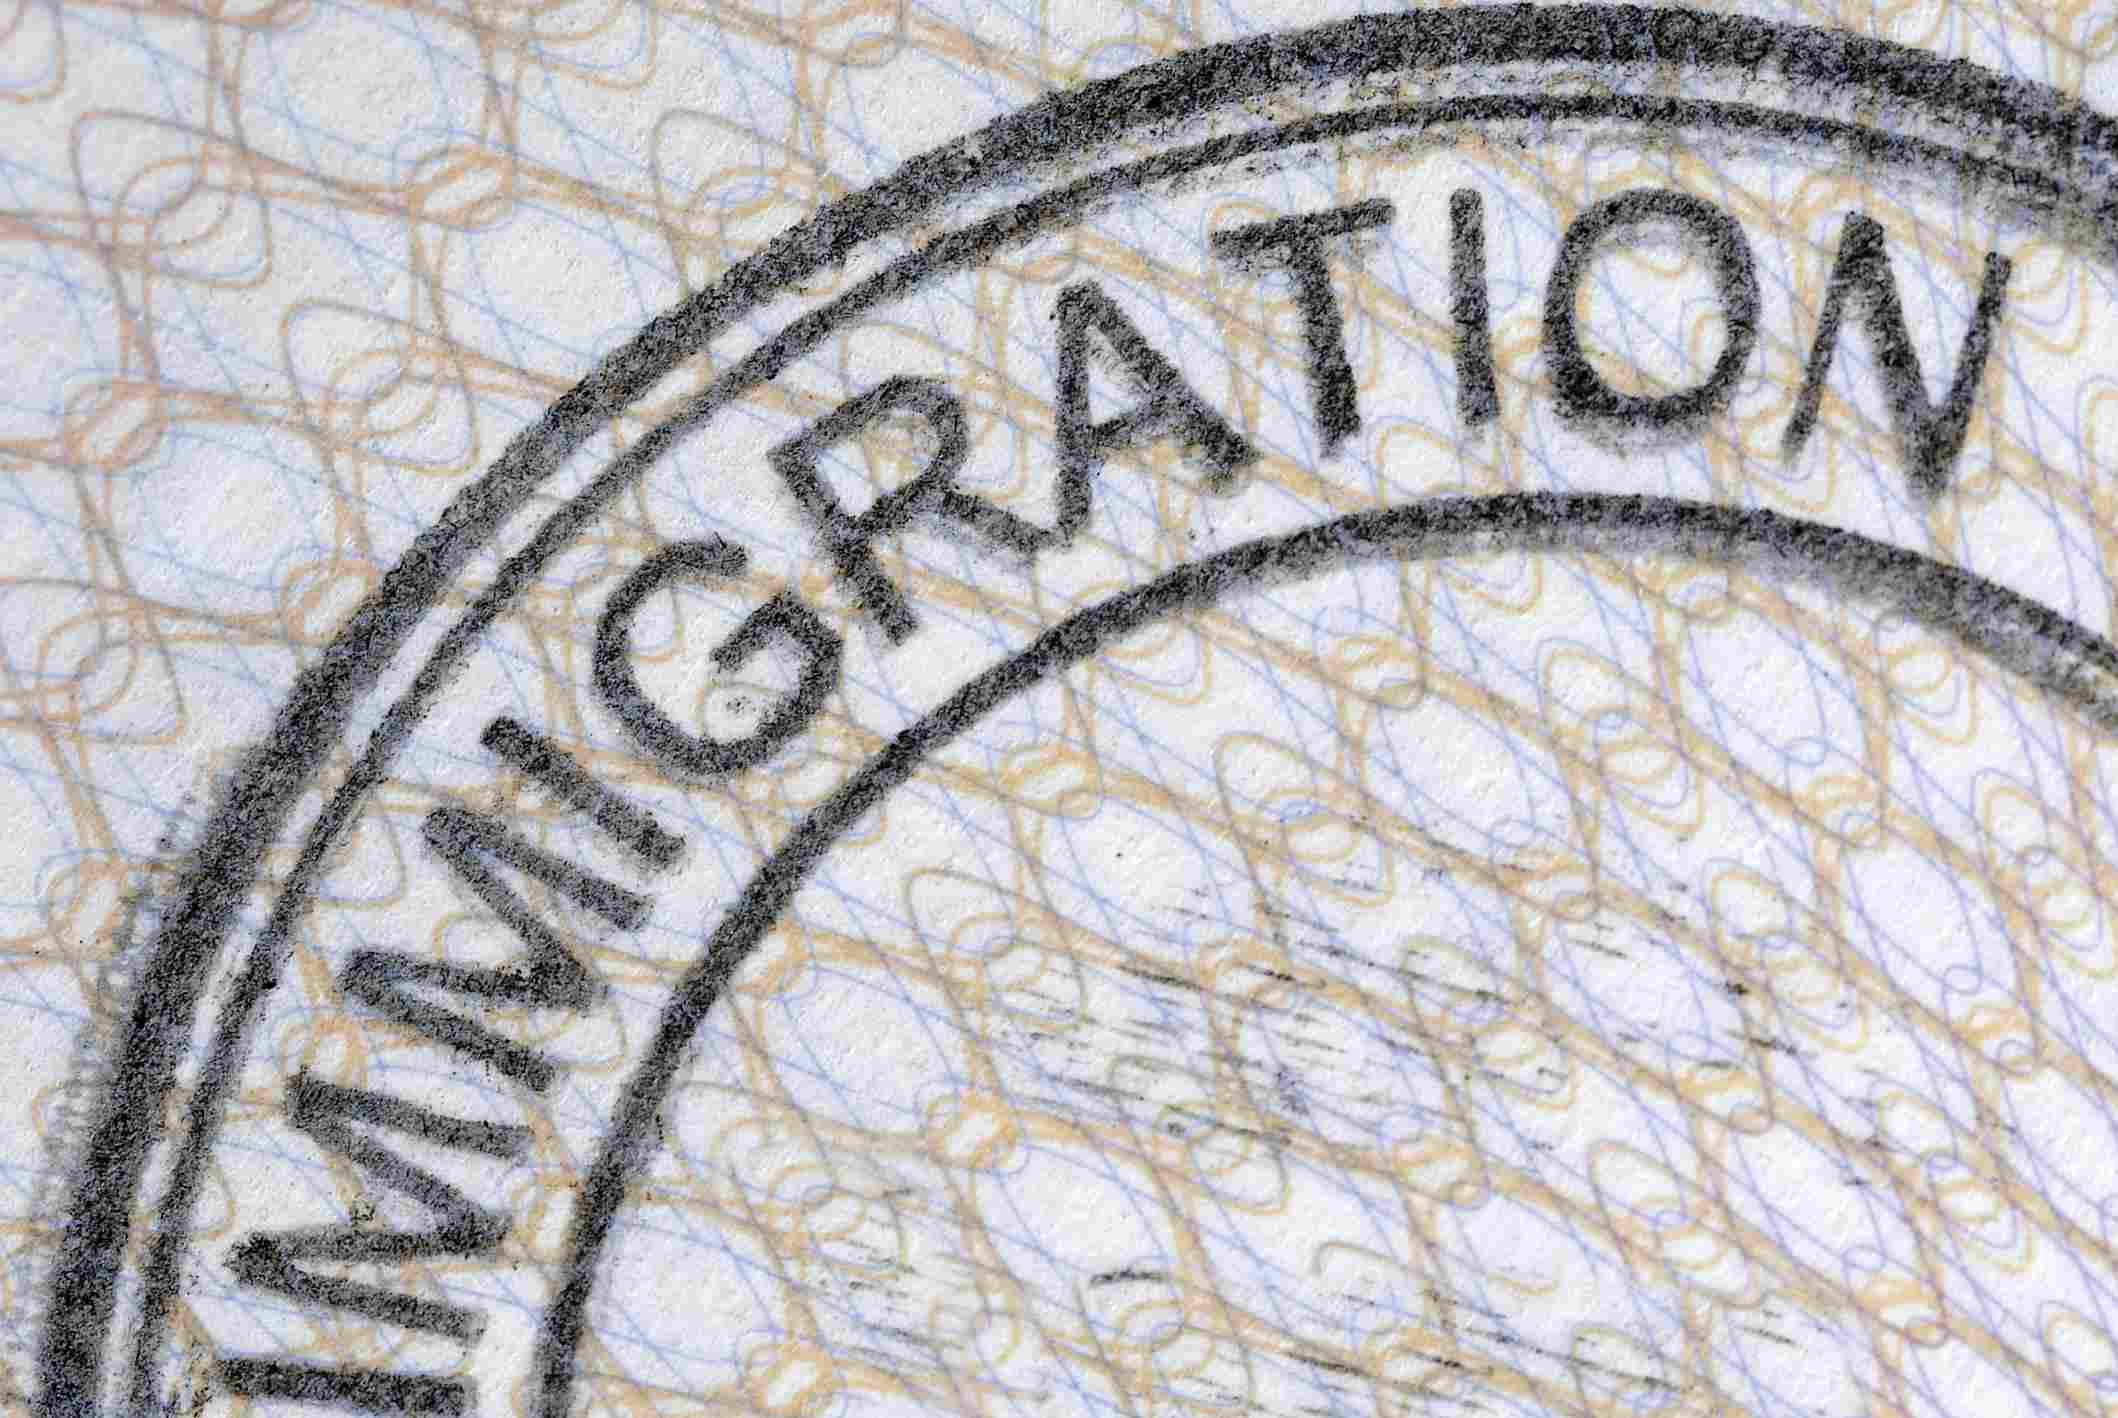 Sello migratorio